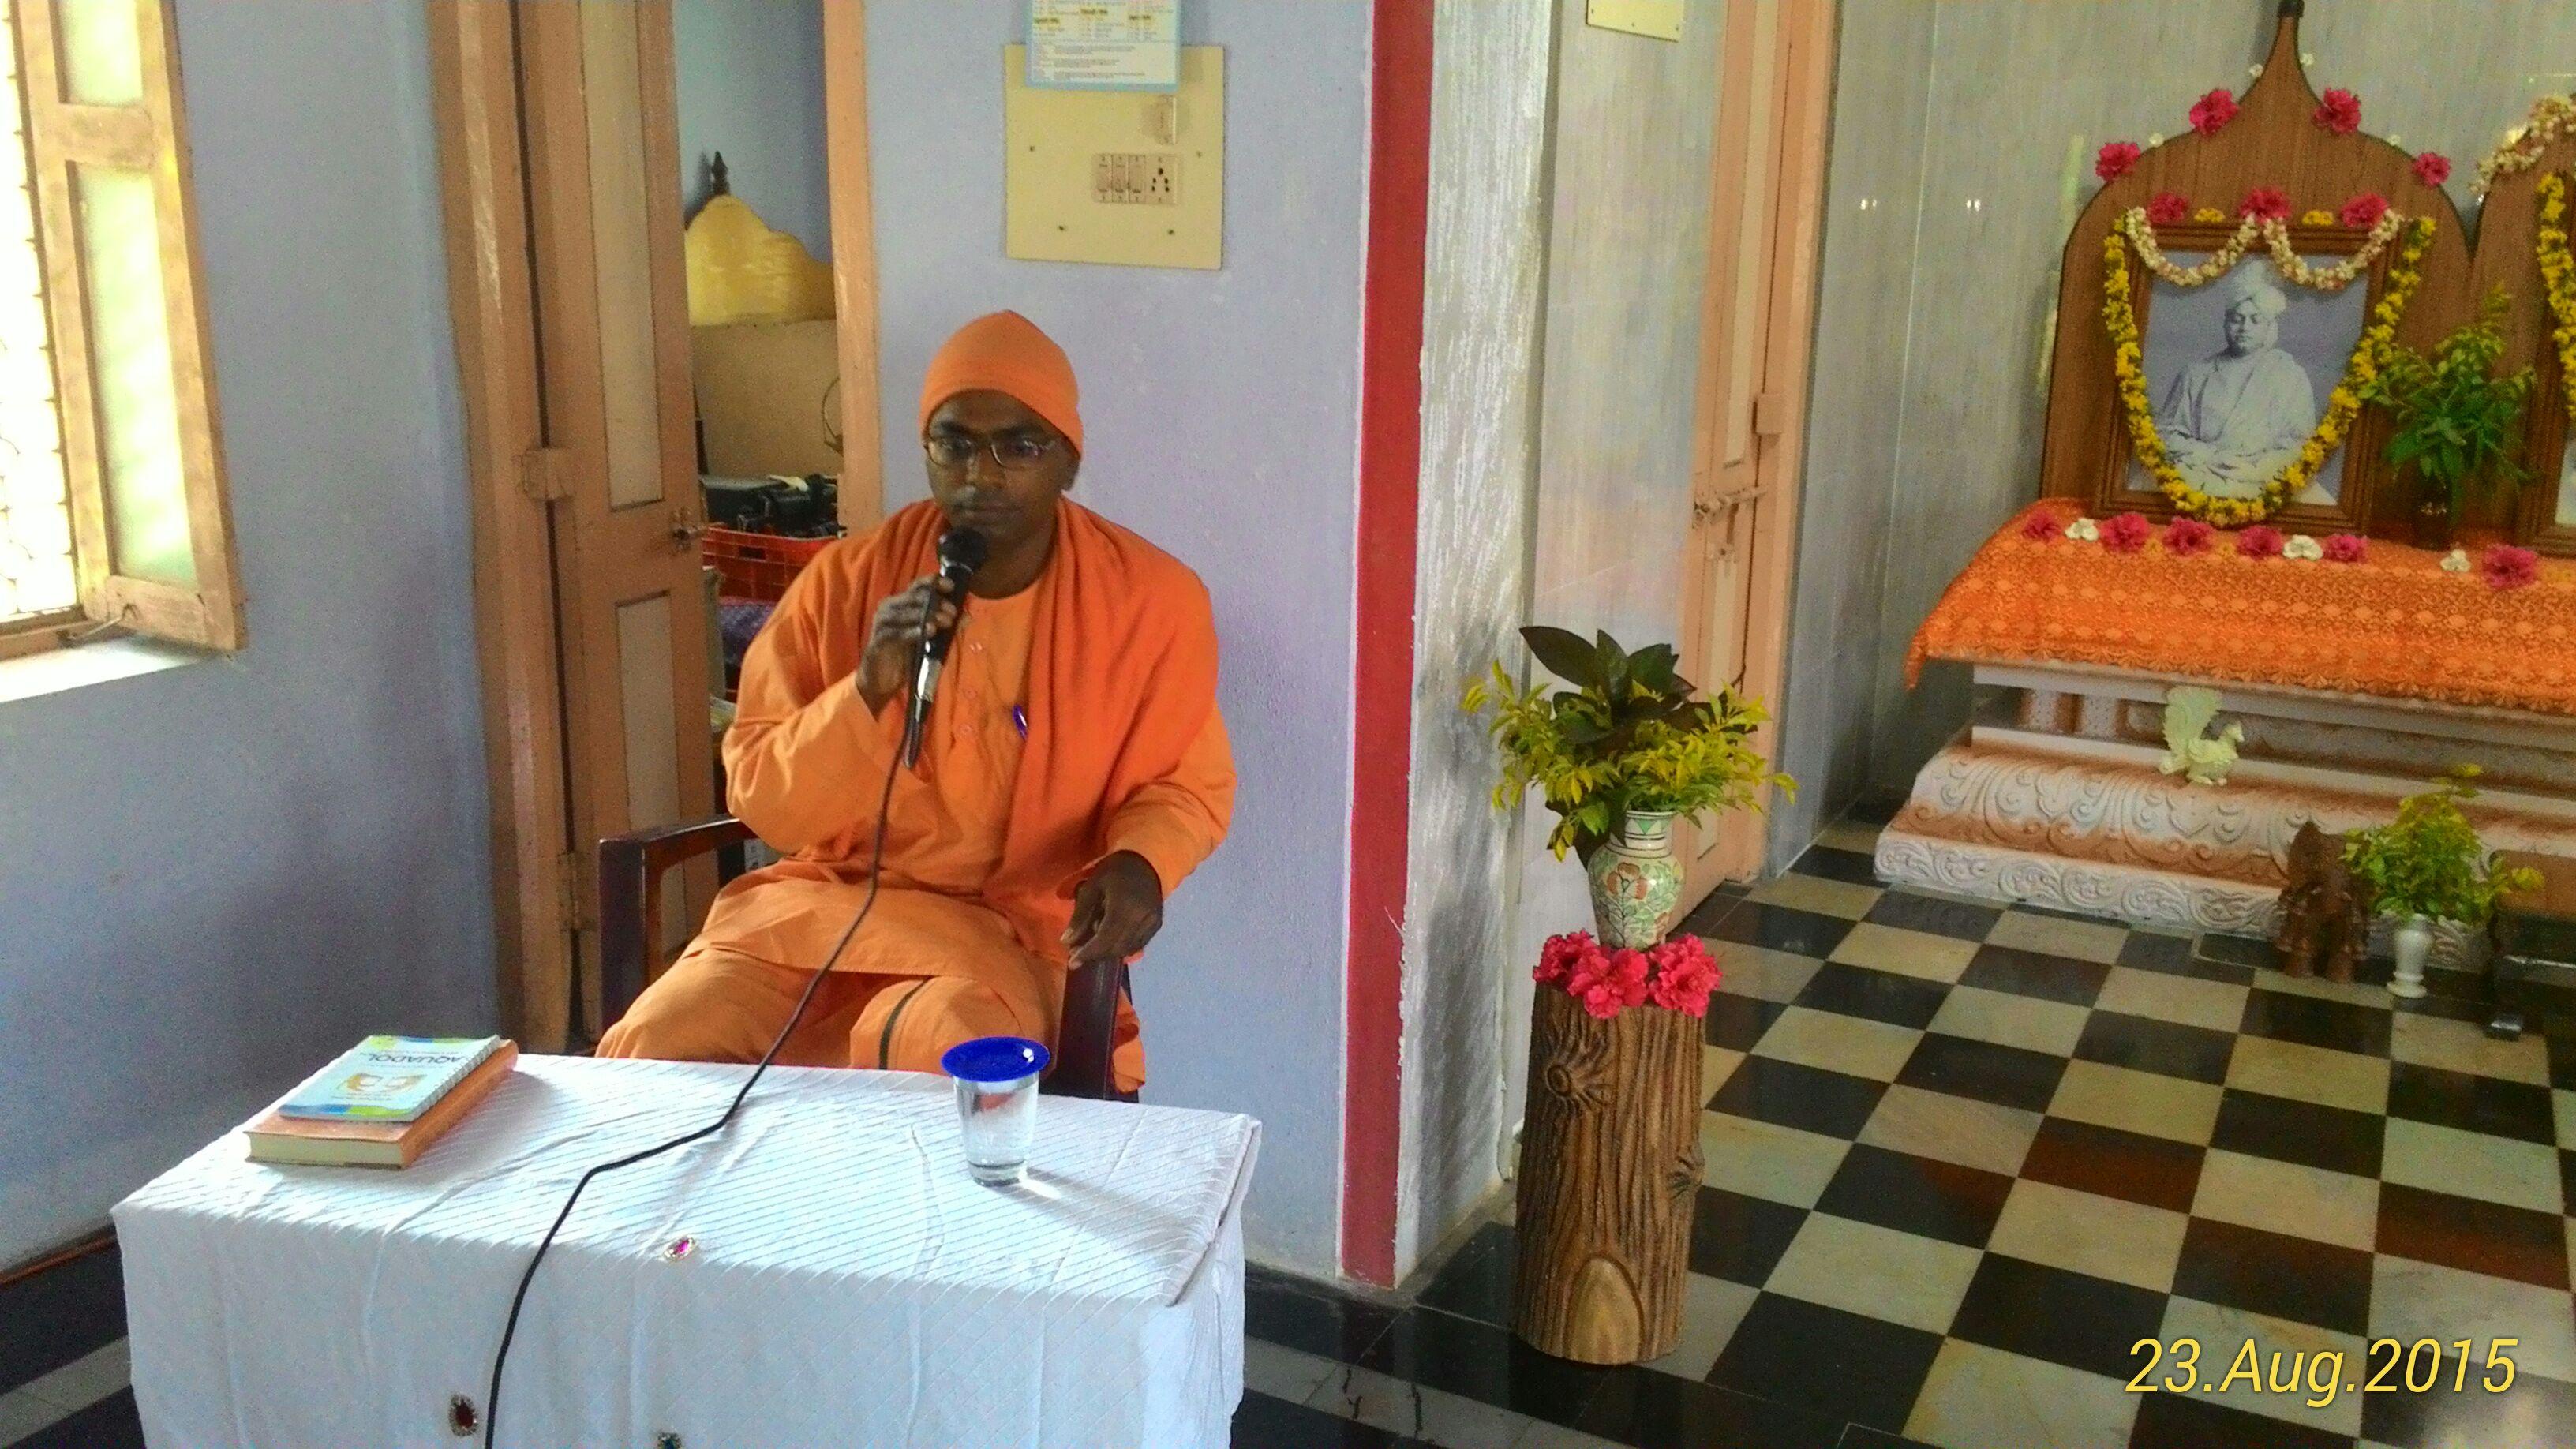 Rev. Swami Sevyanandaji Maharaj speaking.